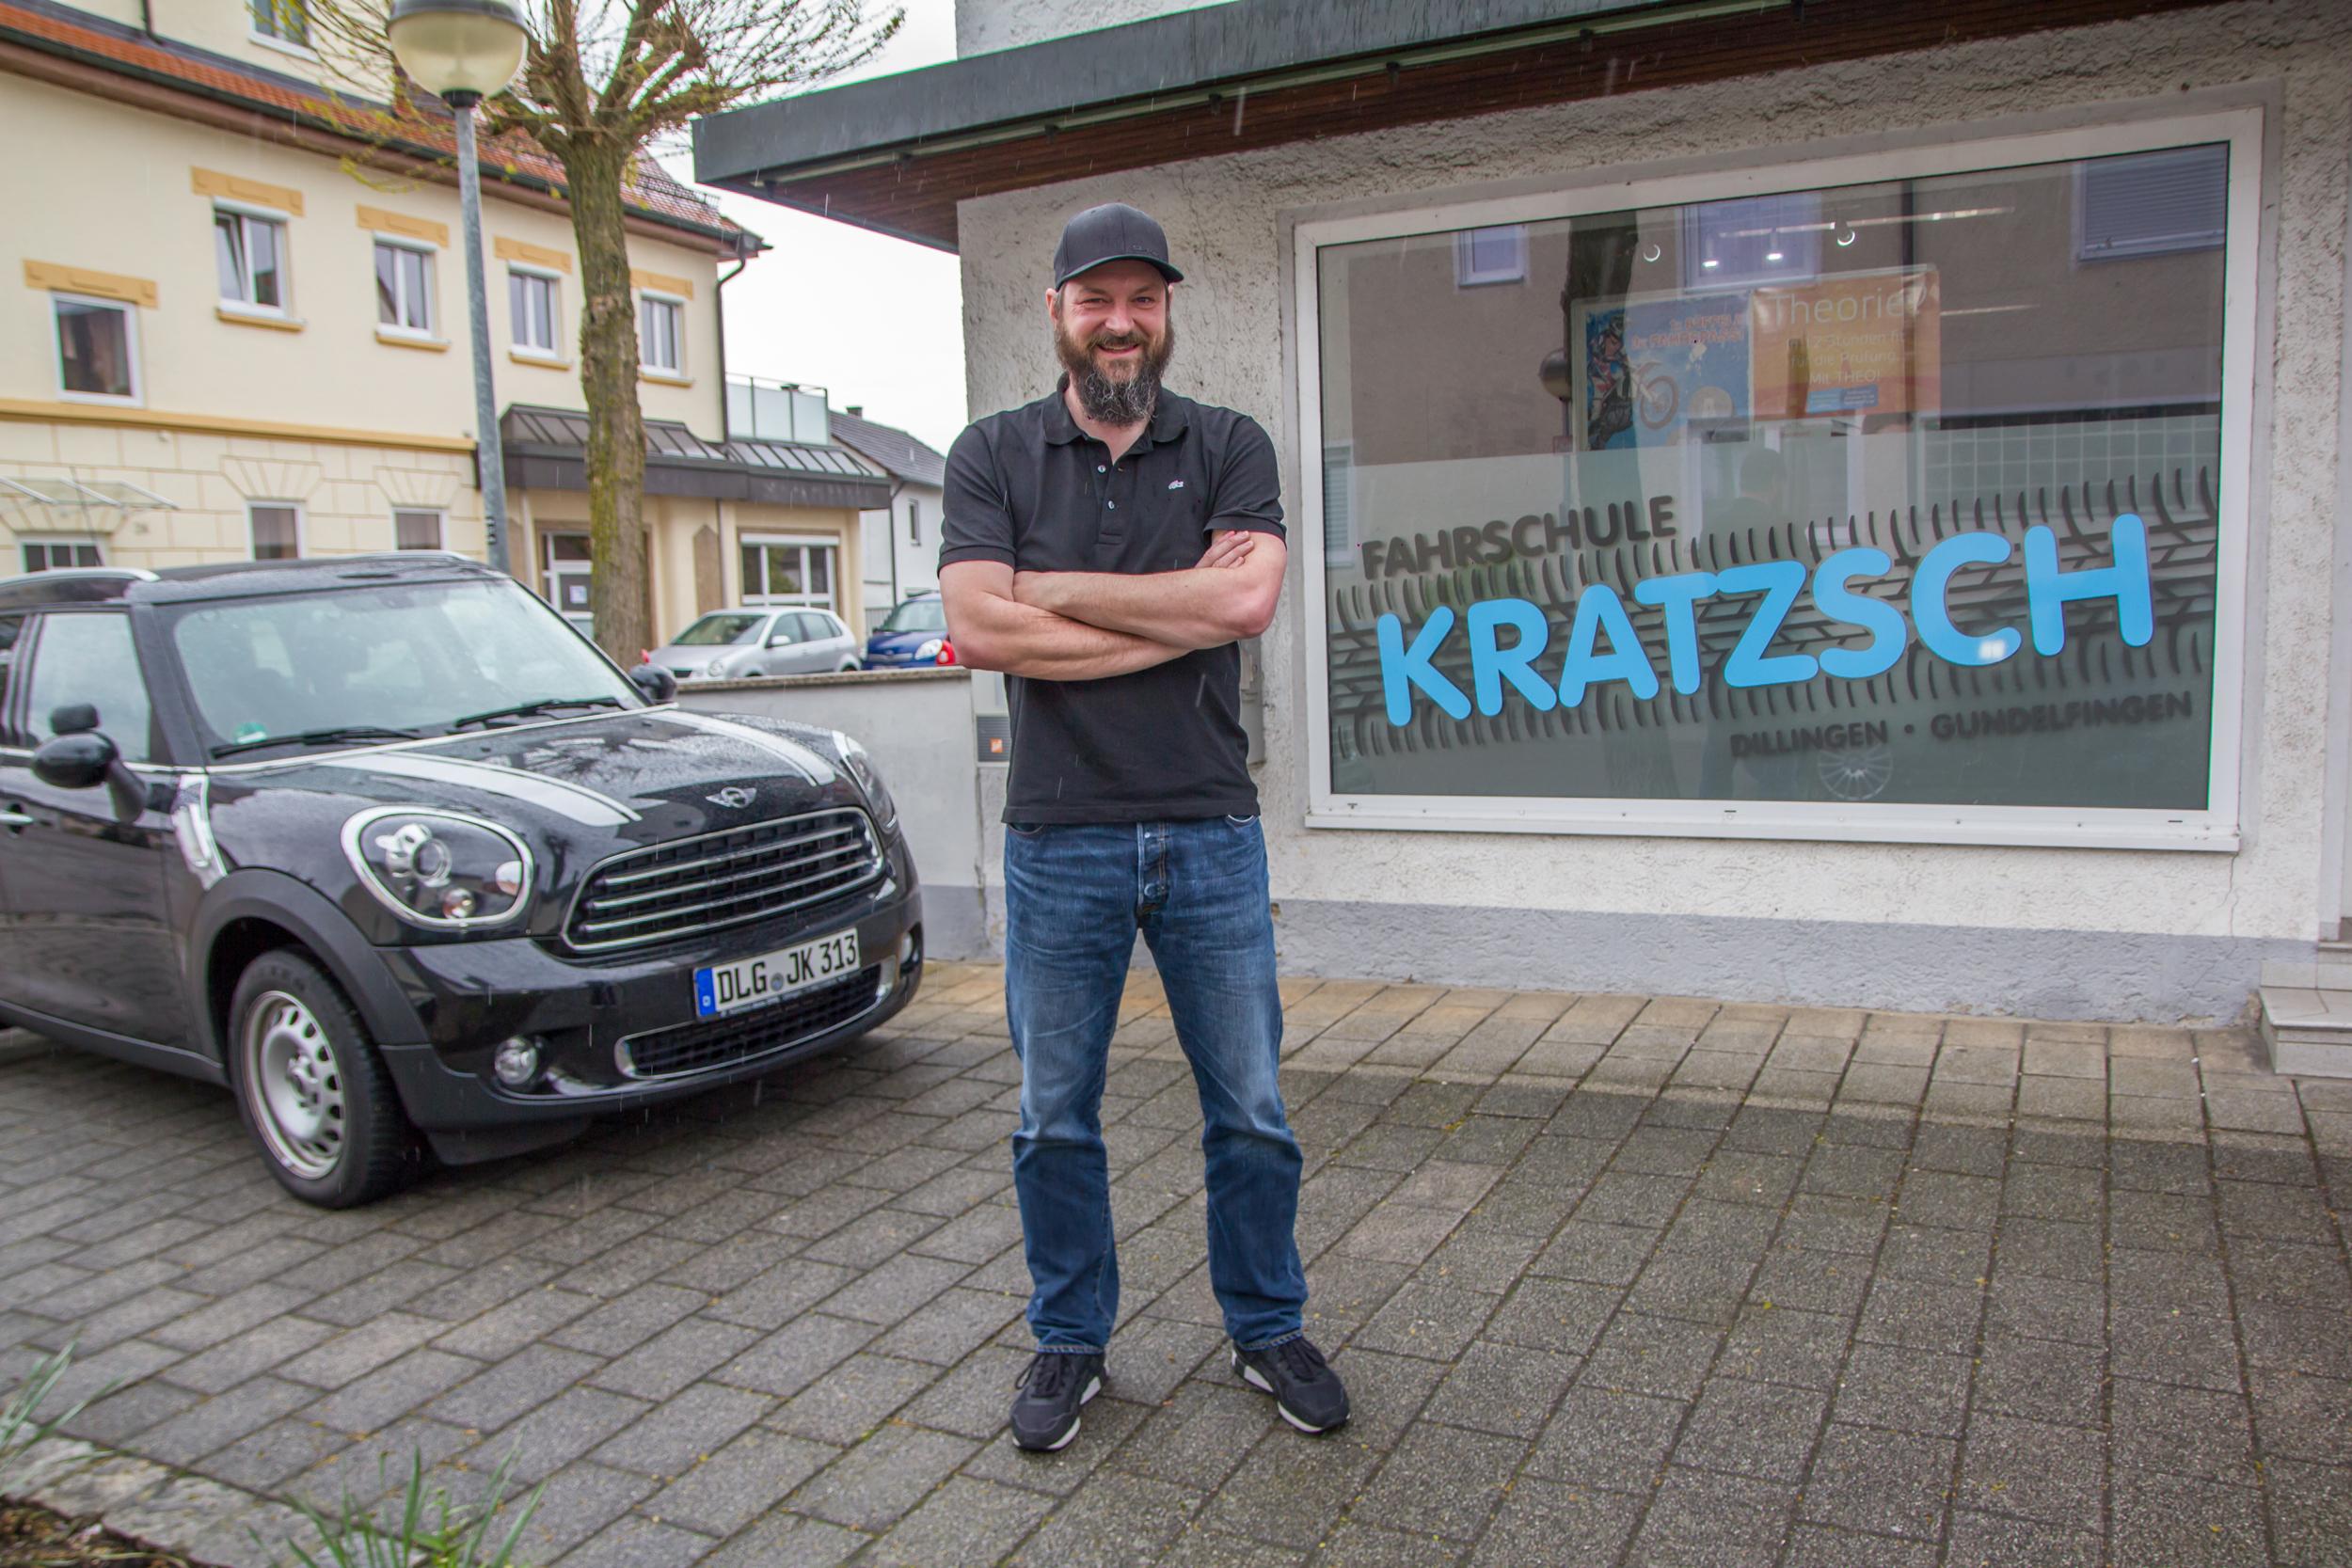 Kratzsch-Fotos-1506